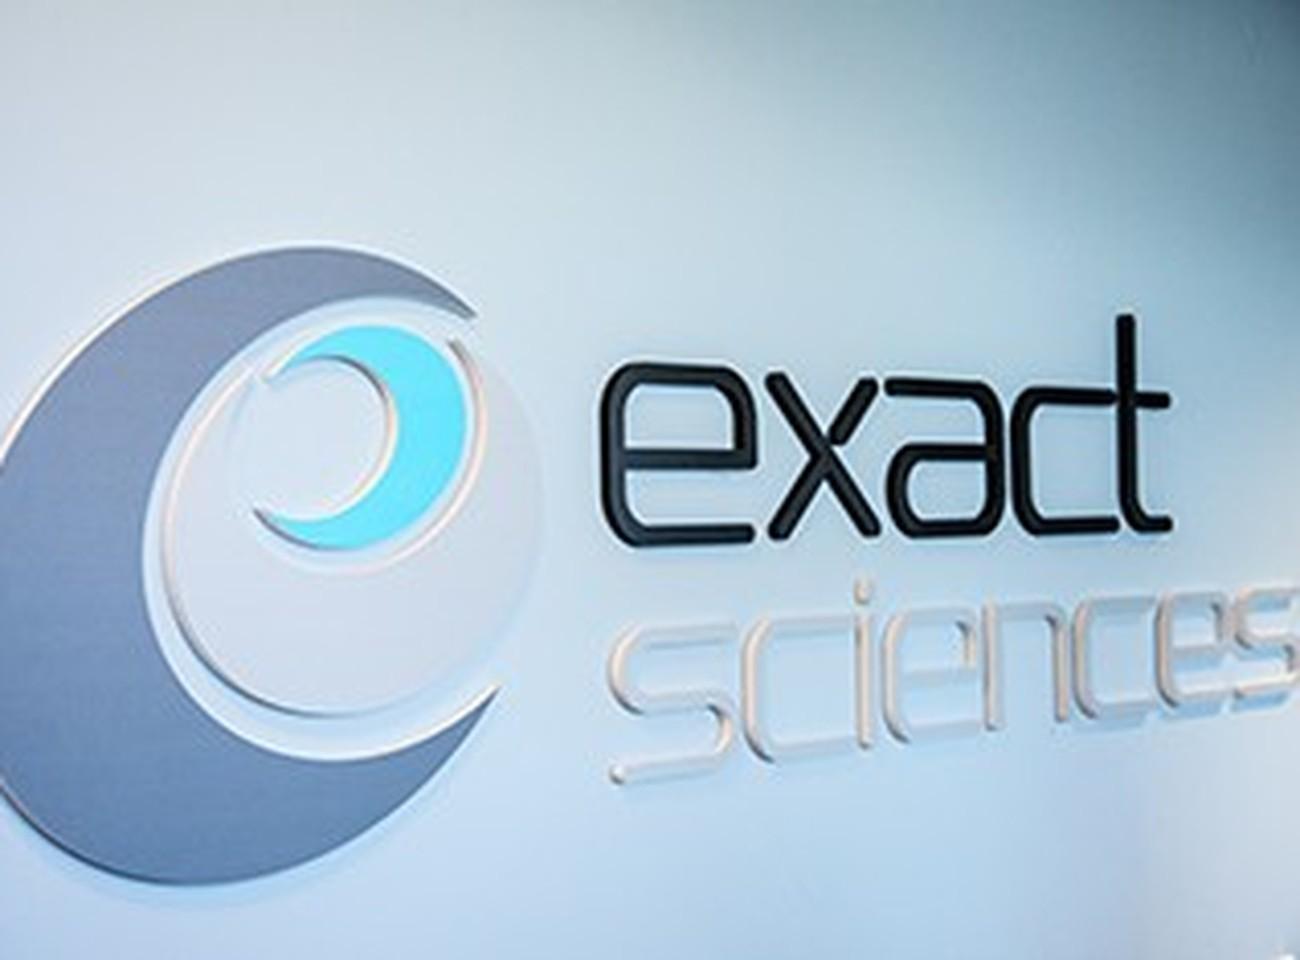 Exact Sciences Careers